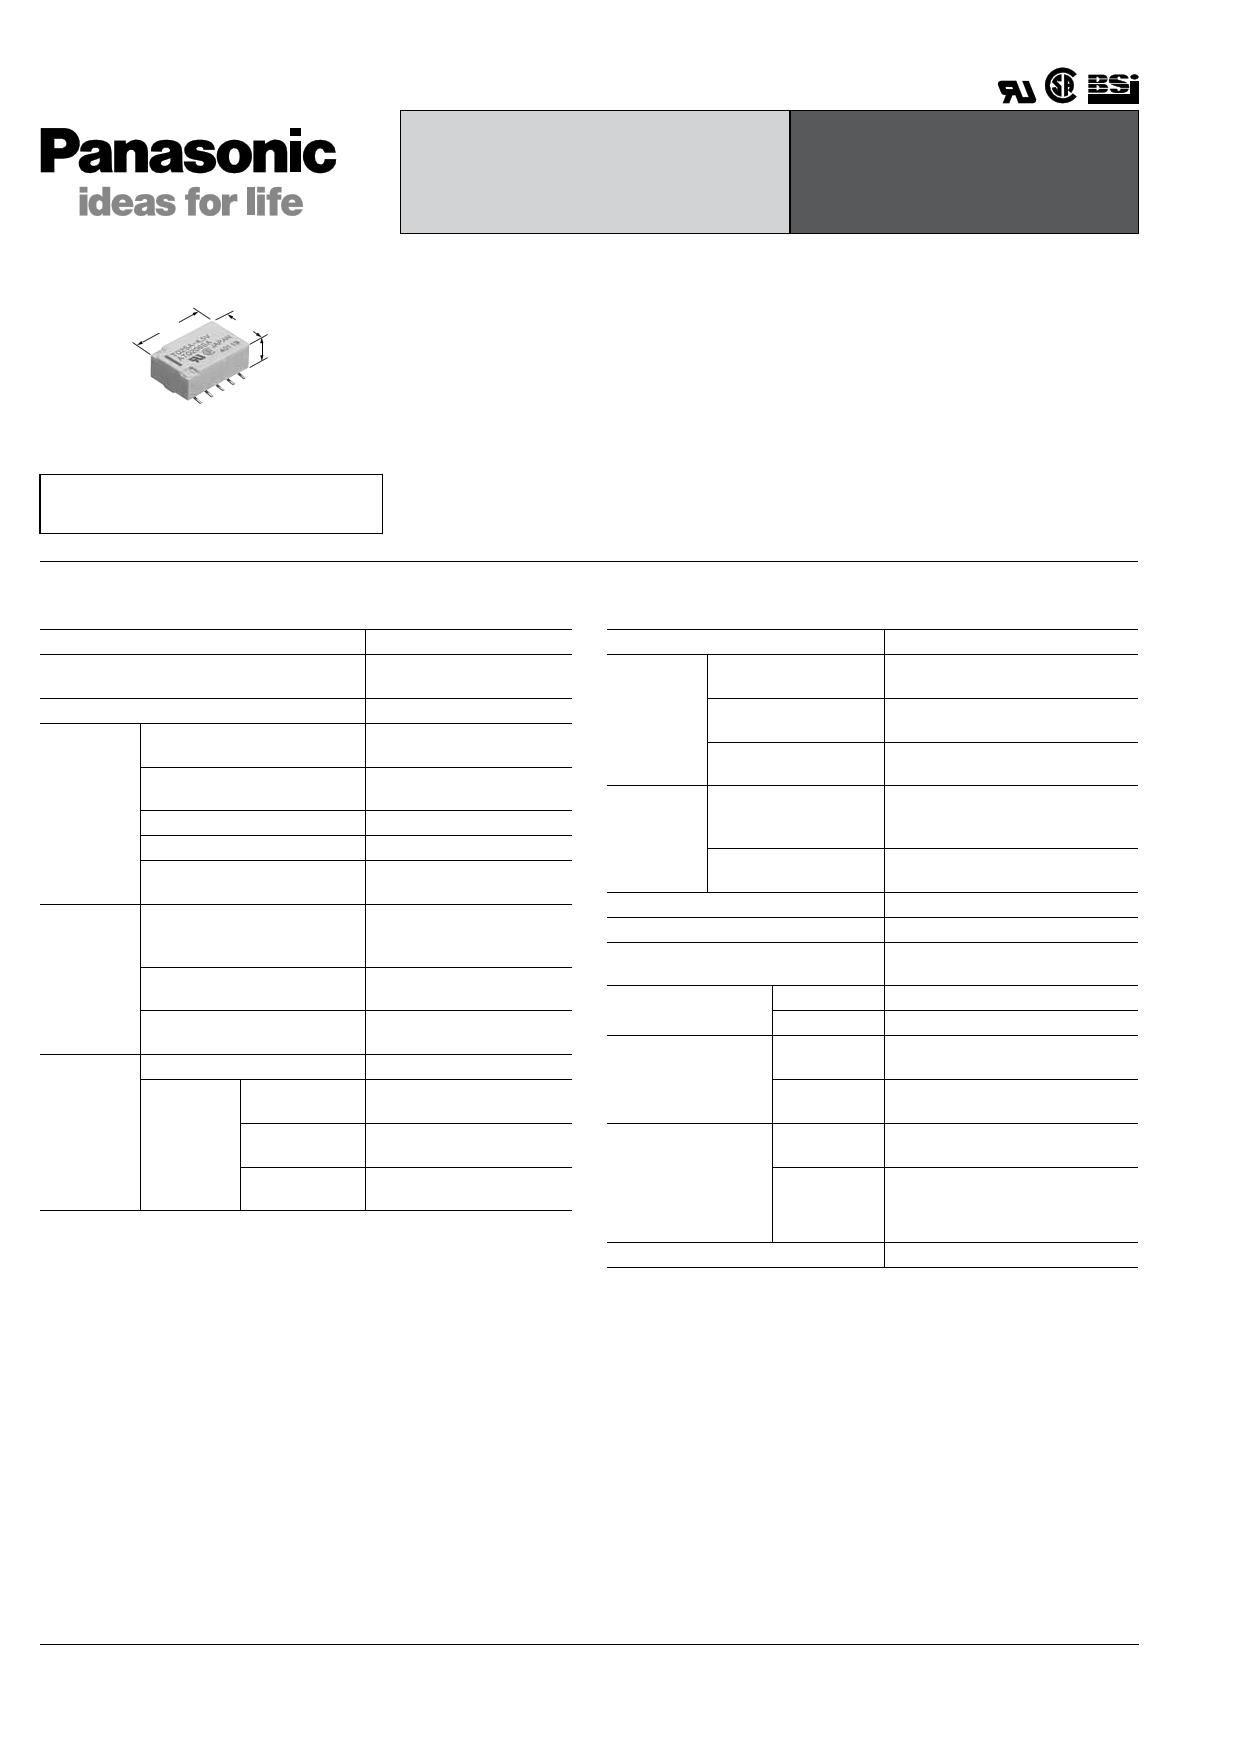 TQ2SS-1.5V 데이터시트 및 TQ2SS-1.5V PDF